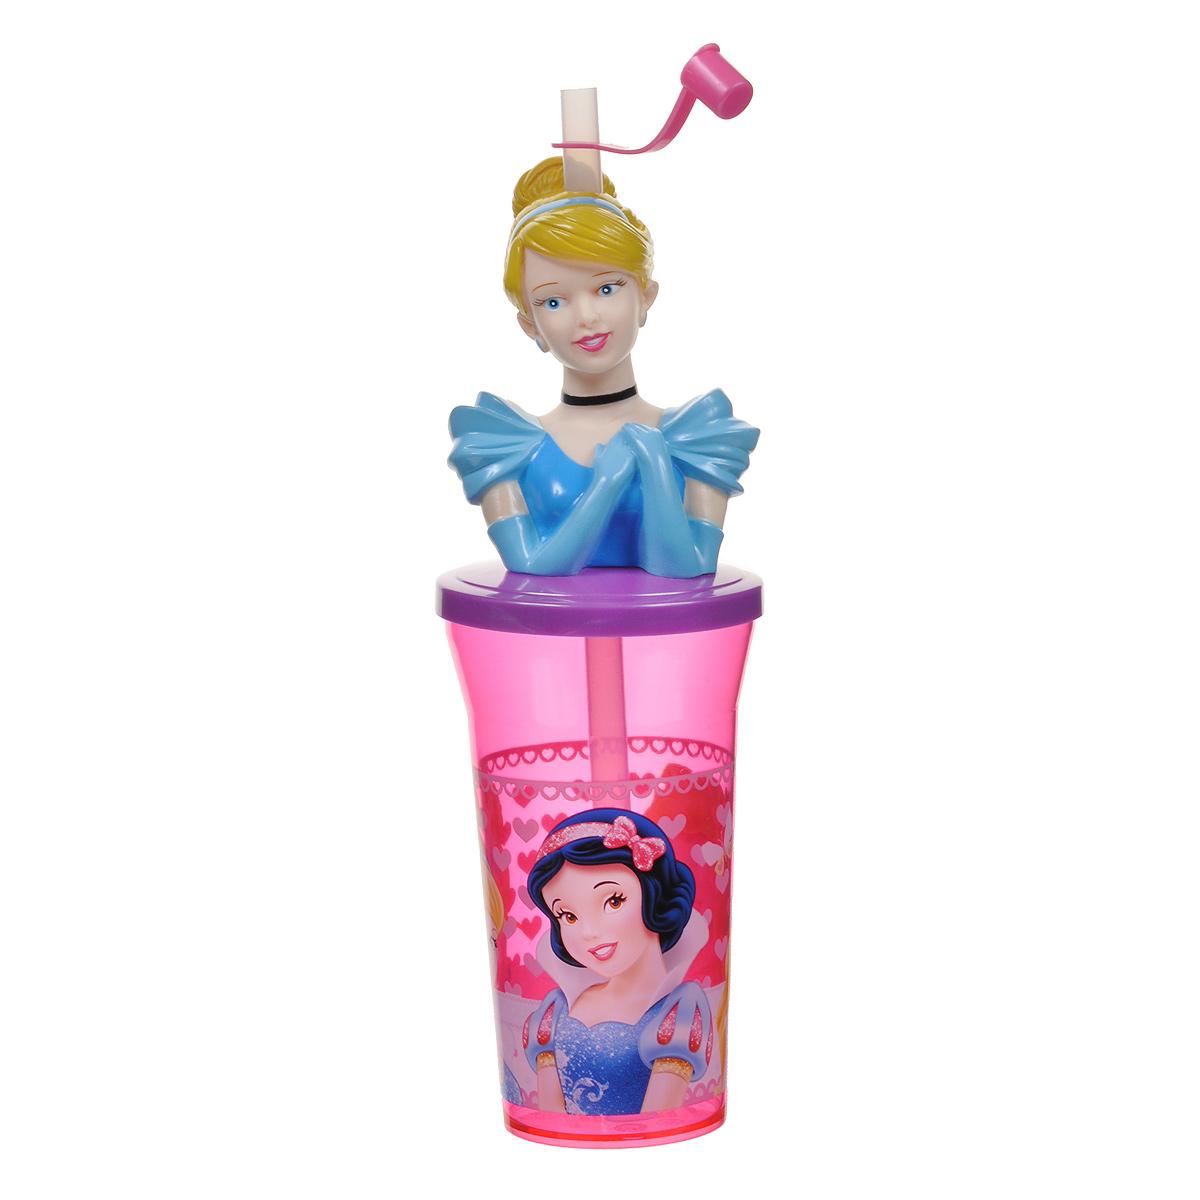 Пластиковый фигурный стакан Stor Принцесса, с крышкой и соломинкой, цвет: розовый, сиреневый, голубой, 400 мл17108Яркий пластиковый стакан Stor Принцесса выполнен из безопасного пластика и оформлен изображениями очаровательных принцесс - героинь диснеевских мультфильмов. Стакан плотно закрывается фигурной крышкой с пластиковым торсом Золушки, в центре которого имеется отверстие для соломинки. Соломинка закрывается защитным колпачком, что исключает попадание пыли и грязи в содержимое стакана и предотвращает проливание жидкости. Не рекомендуется использовать в микроволновых печах и в посудомоечных машинах.